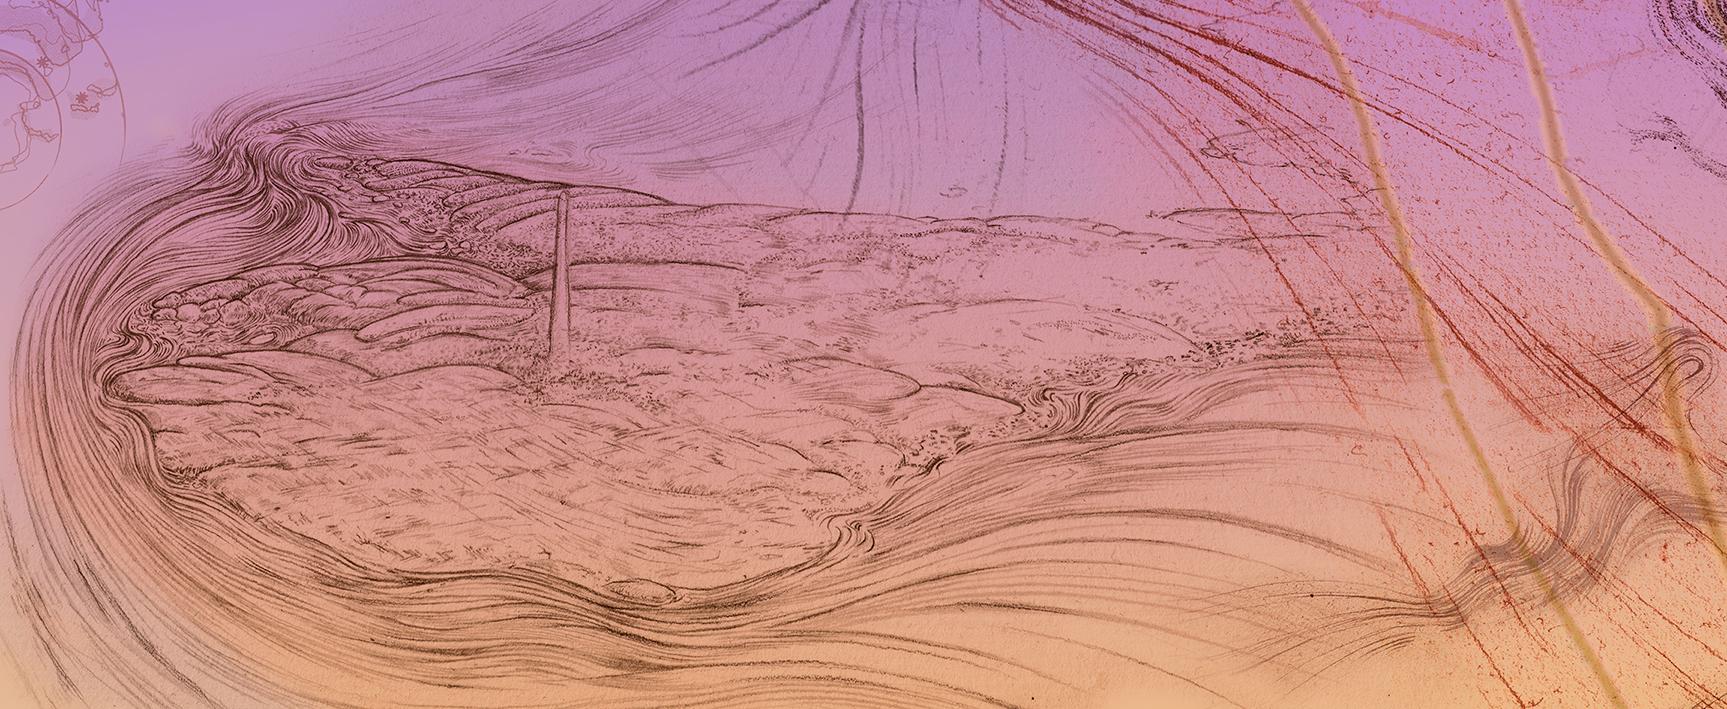 05 detail